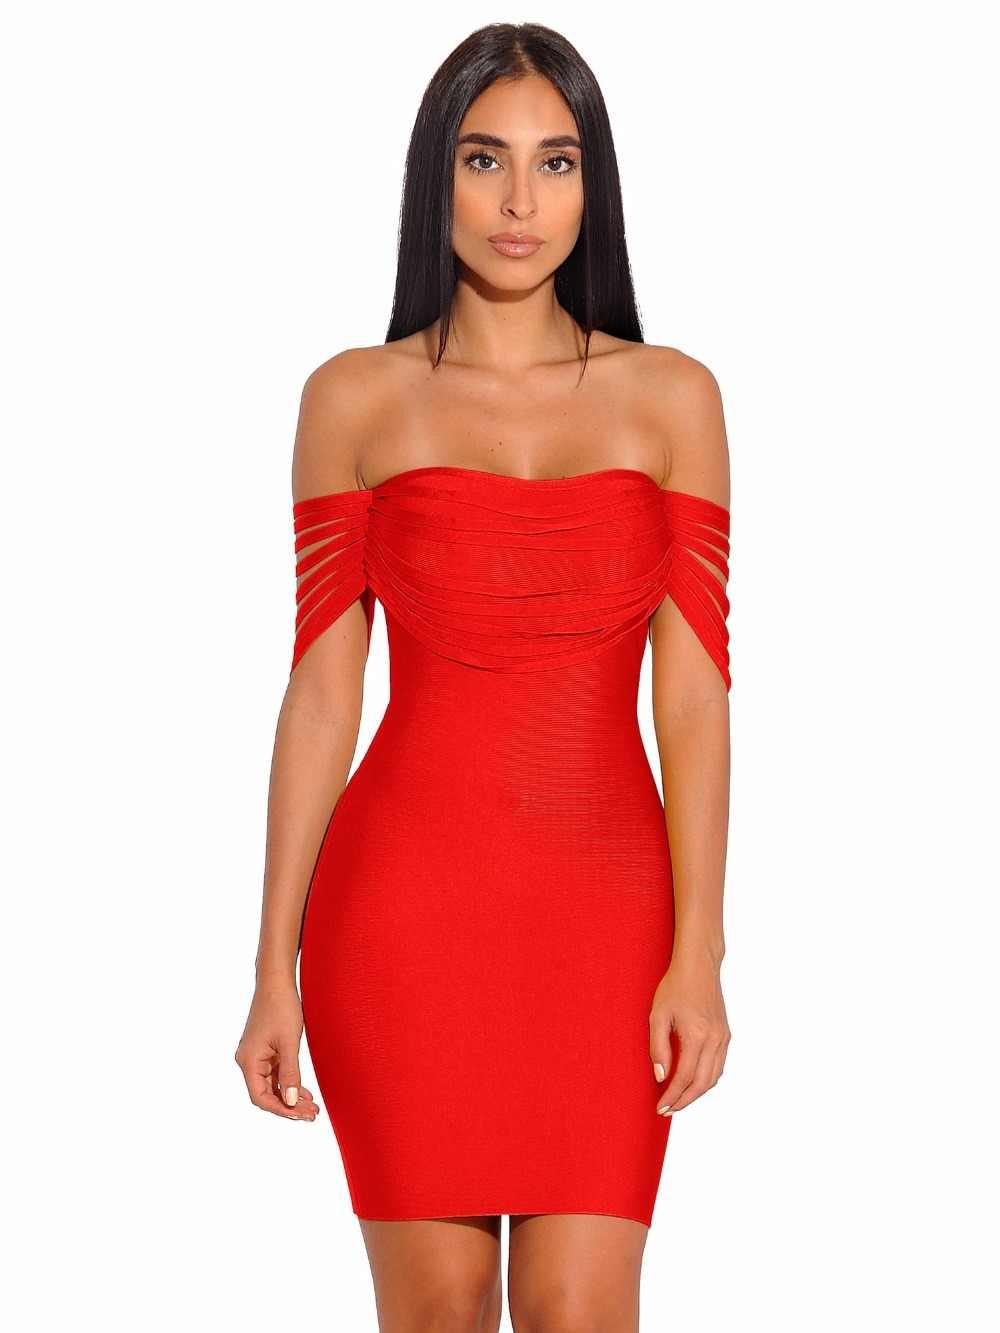 Летнее коктейльное сексуальное выпускное Красное Желтое без бретелек облегающее платье с бахромой на плечах короткое Бандажное мини-платье праздничная одежда с кисточками Vestidos